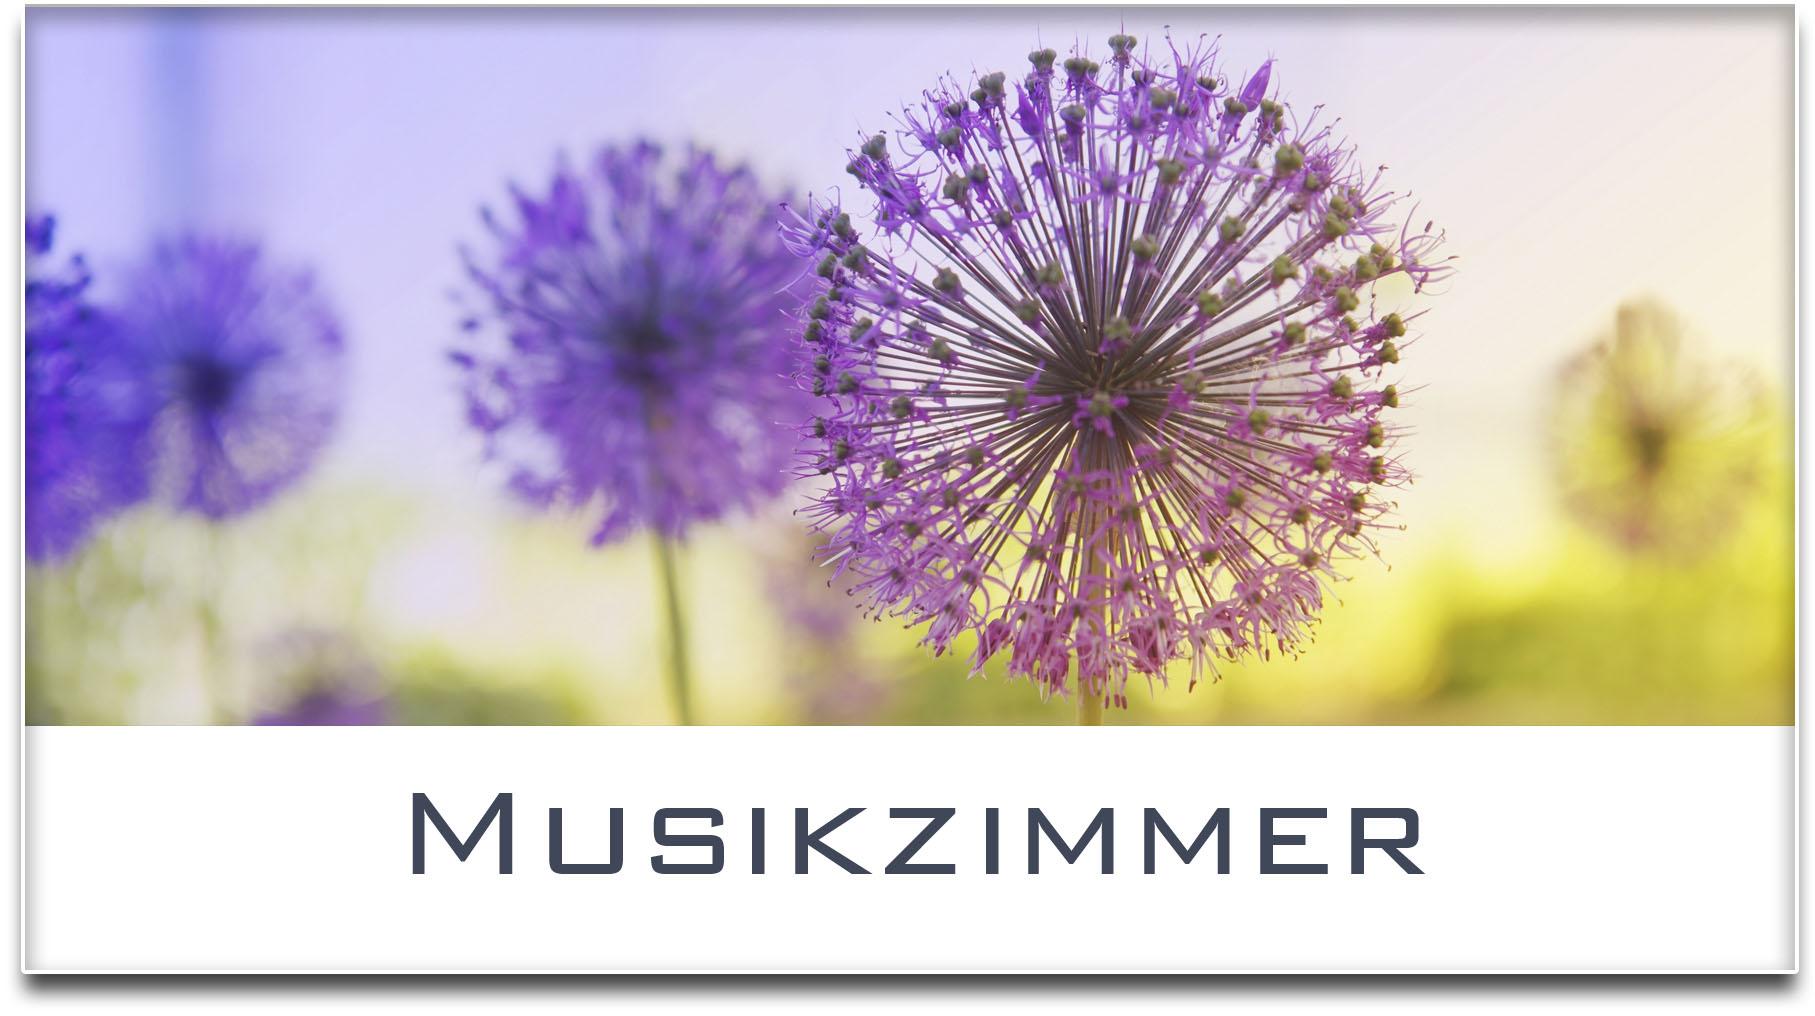 Türschild / Haustürschild / Blume / Musikzimmer / Selbstklebend